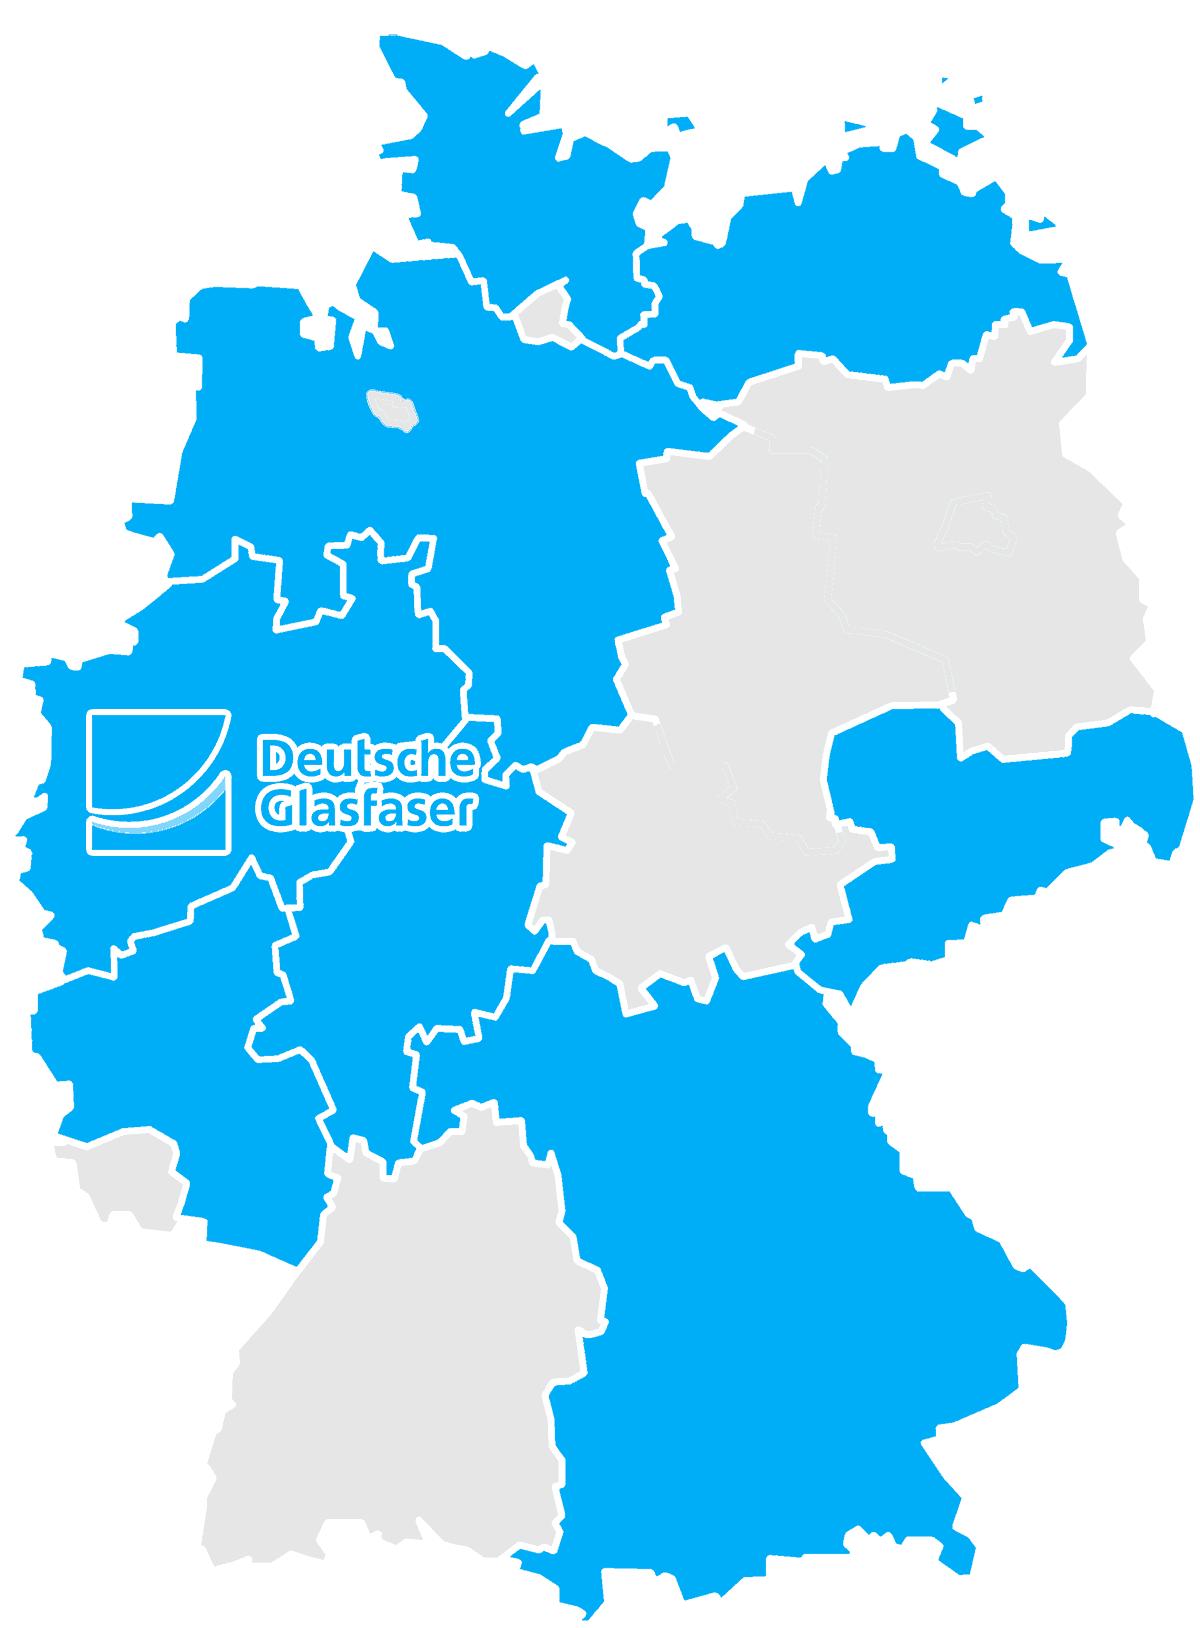 glasfaserausbau deutschland karte Deutsche Glasfaser: Geschwindigkeit, Verfügbarkeit und Glasfaser